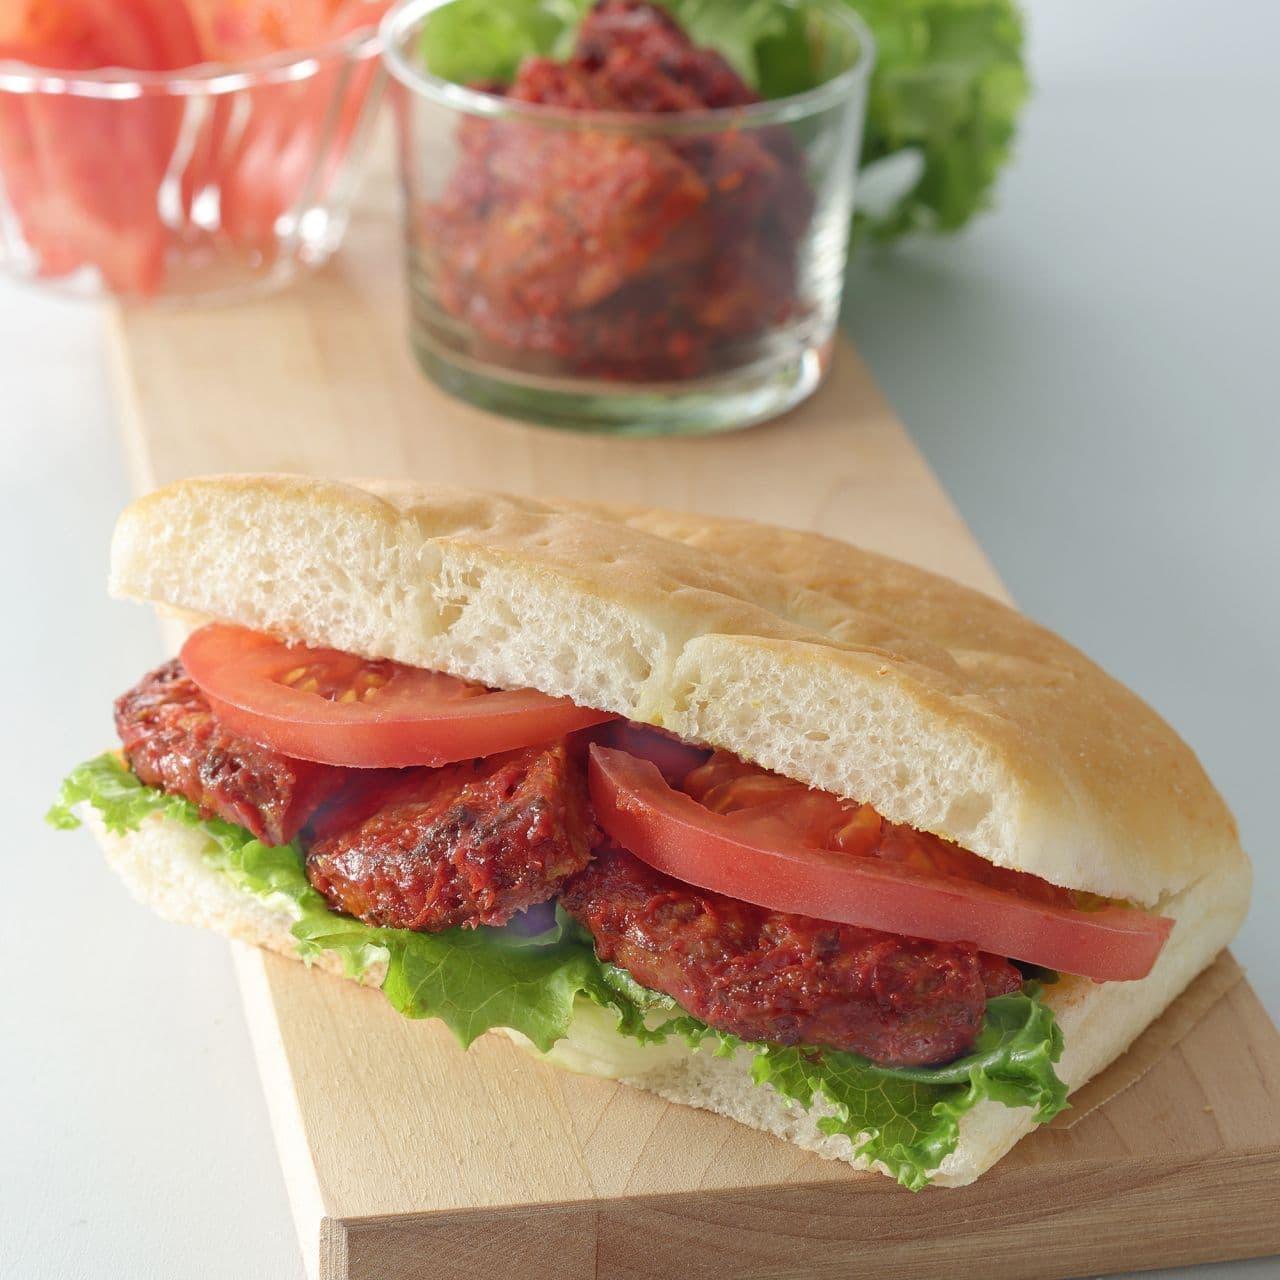 スターバックス「ハーブトマト&ソイハンバーグ フォカッチャ」